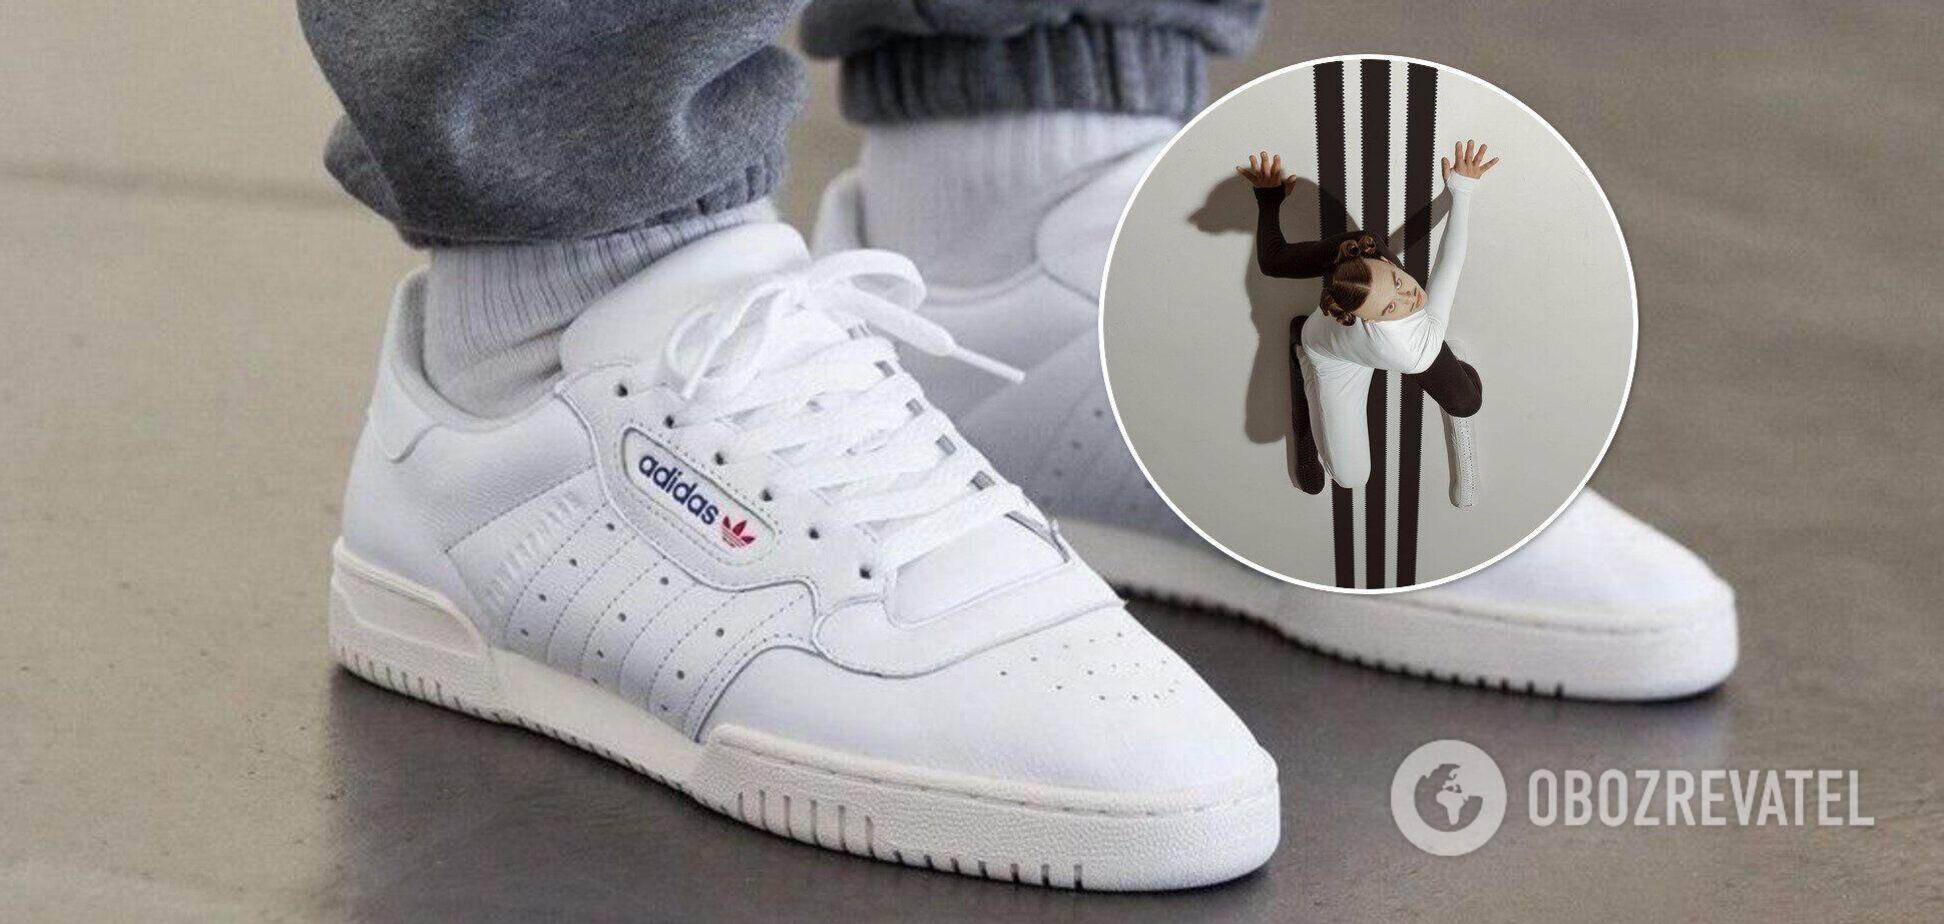 Adidas выпустит самую длинную обувь в мире: как она выглядит